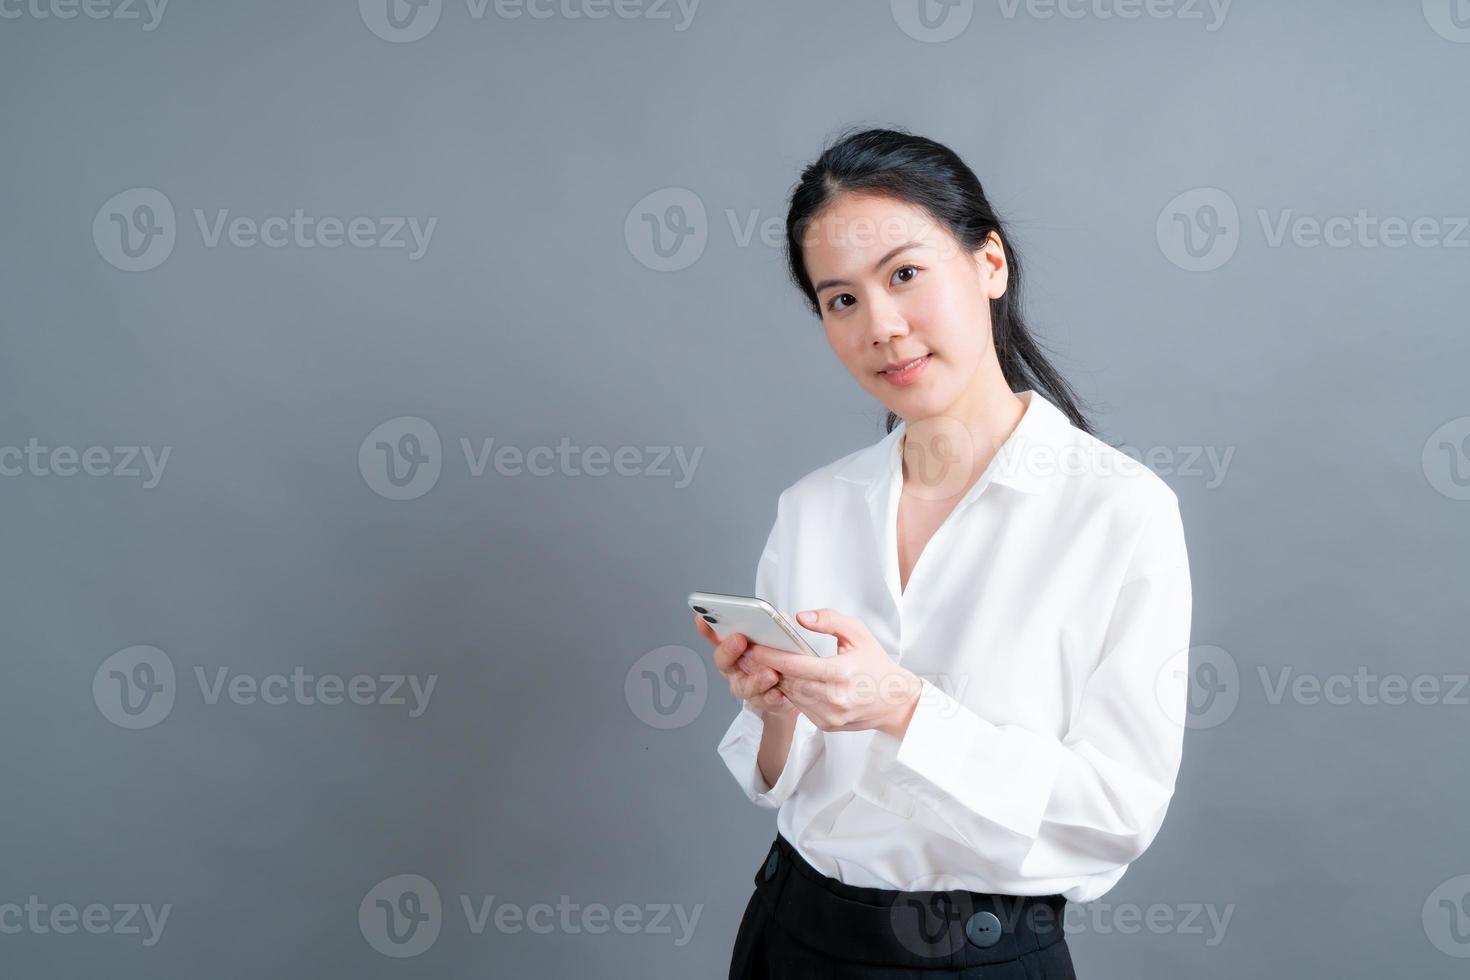 femme asiatique utilisant des applications de téléphonie mobile photo